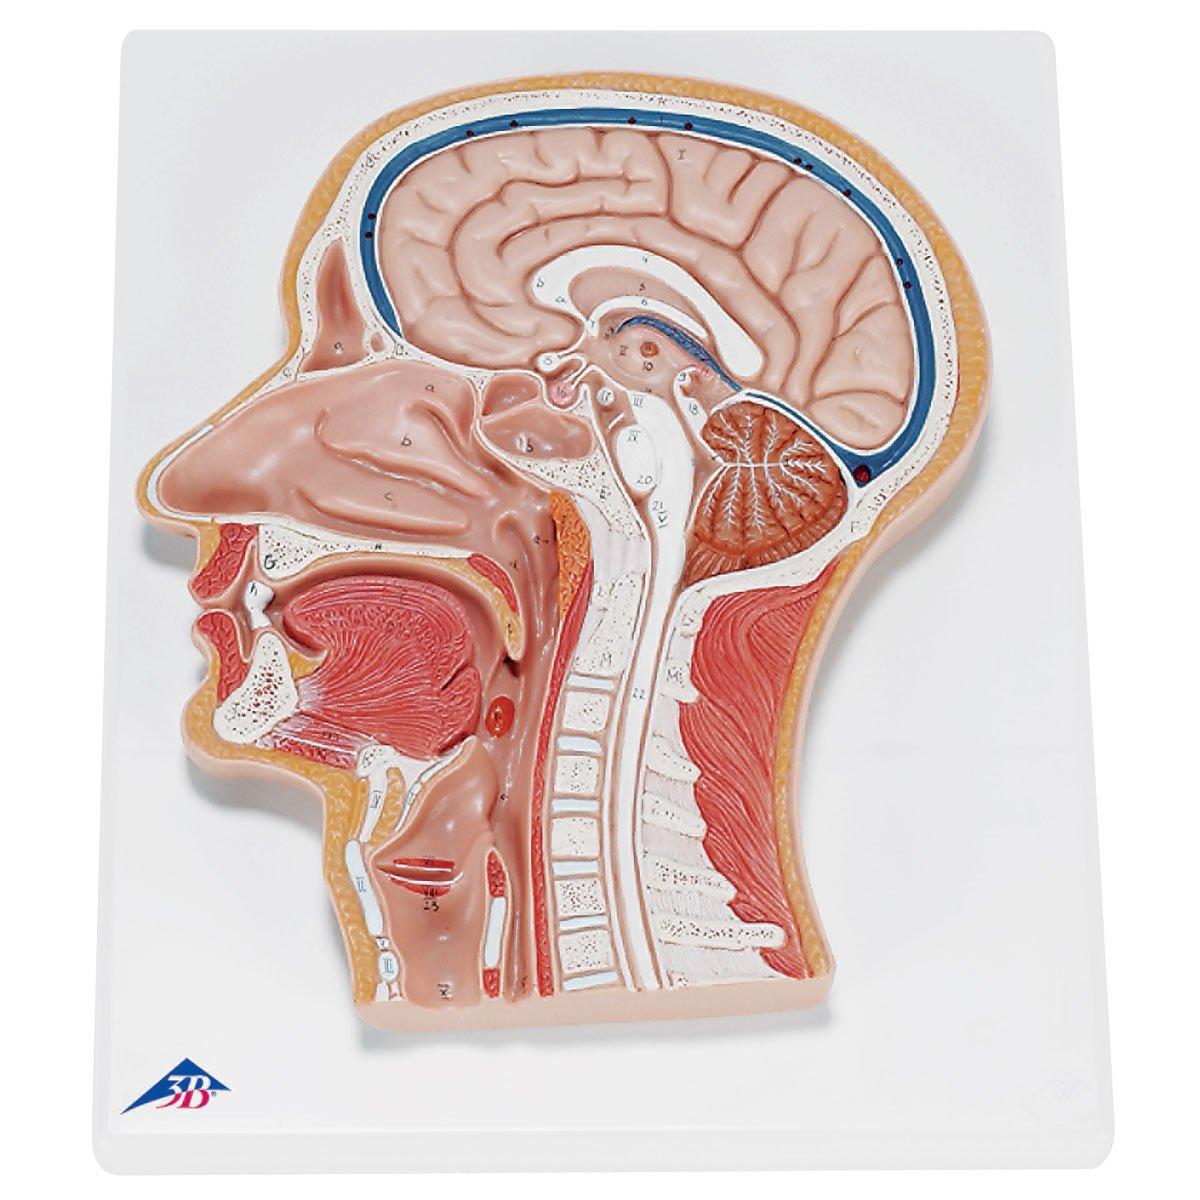 3B Scientific Menschliche Anatomie - Medianschnitt des Kopfes 3B Scientific GmbH C12